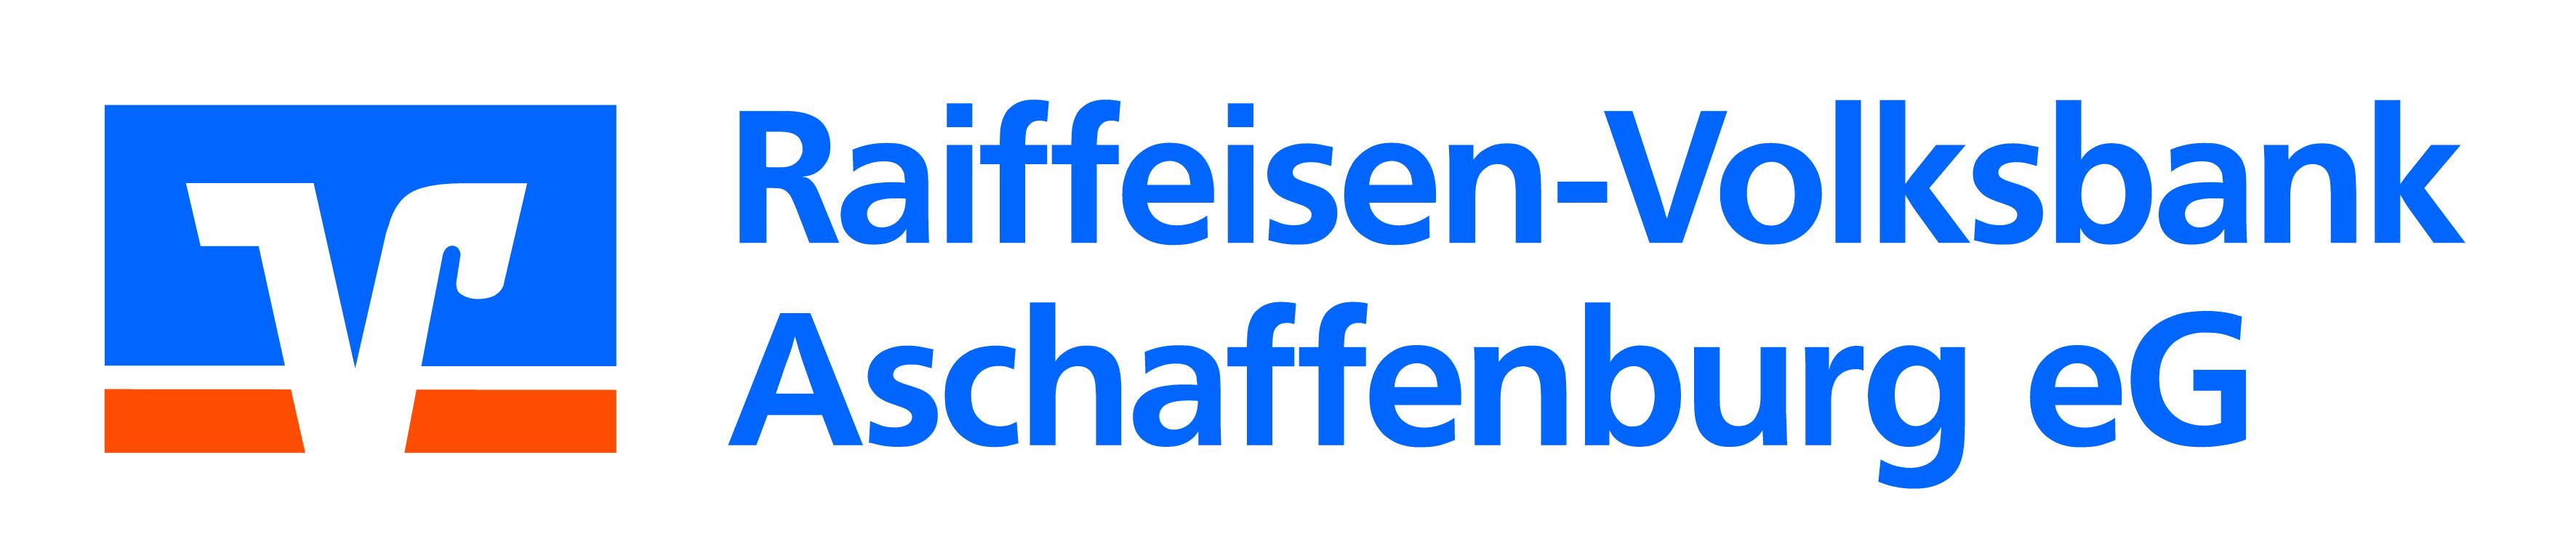 Raiffeisen-Volksbank Aschaffenburg